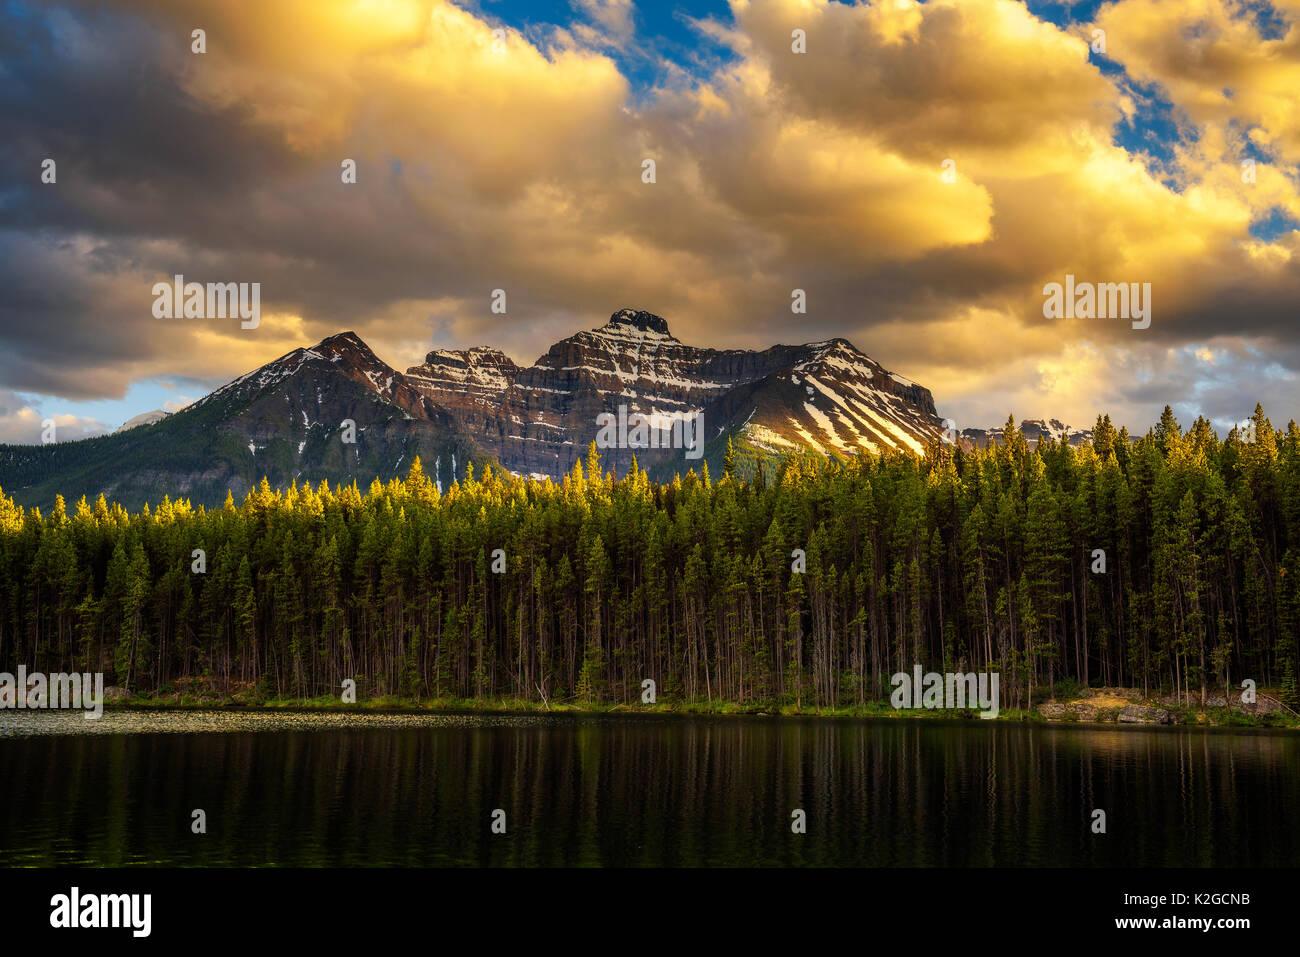 Einen malerischen Sonnenuntergang über dem tiefen Wald entlang der Herbert Lake im Banff National Park, mit Stockbild